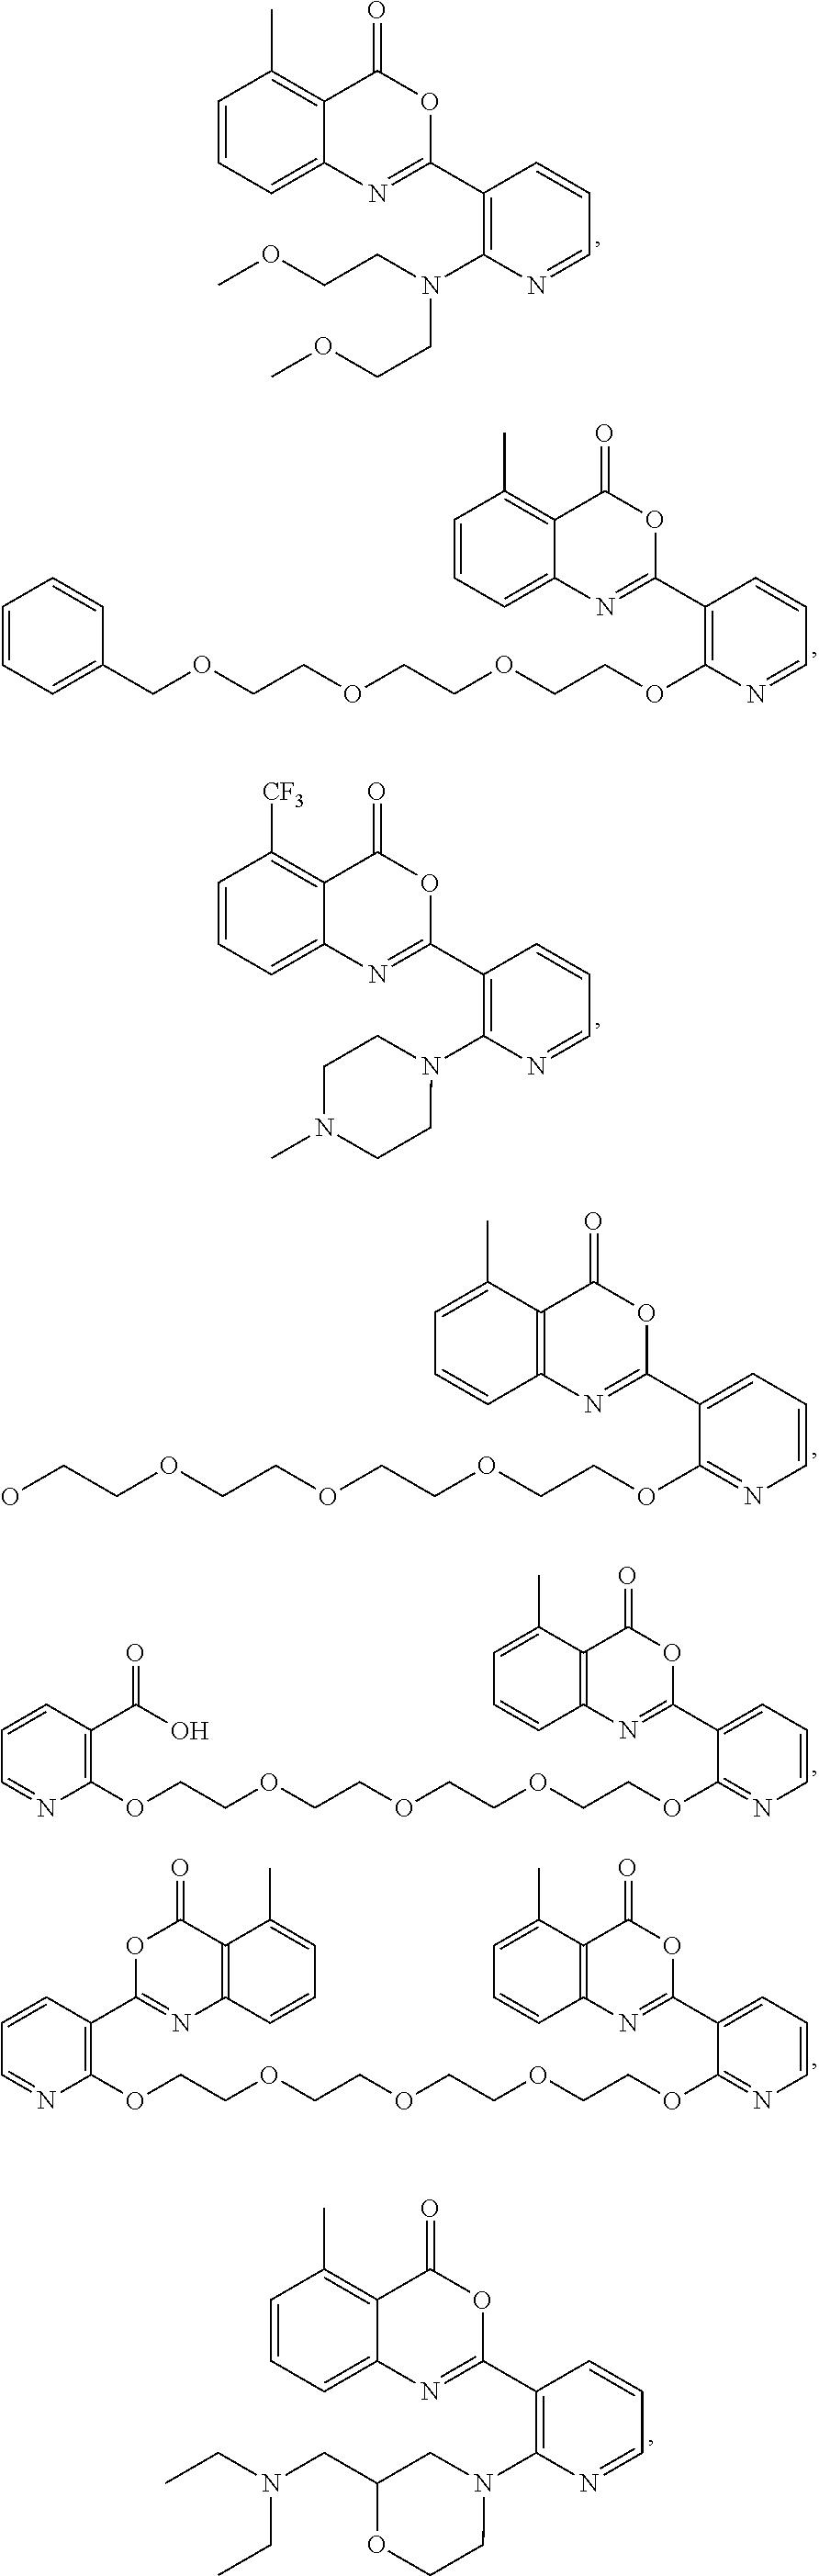 Figure US07879846-20110201-C00032